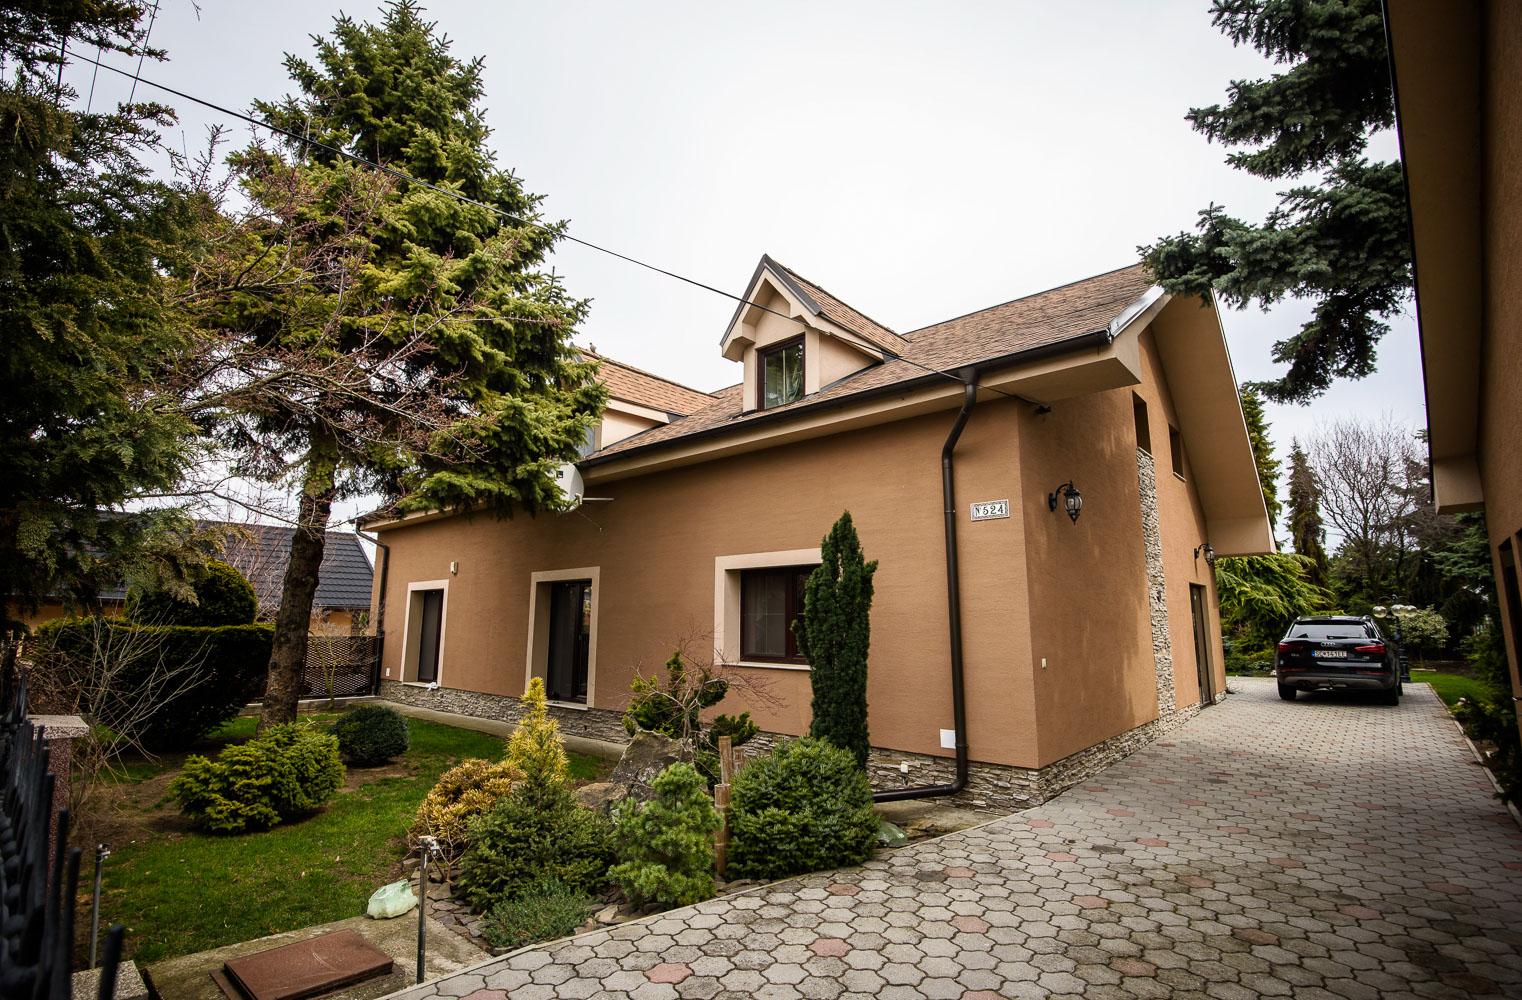 Dom , 6 - izbový , 301 m2 , Most pri Bratislave - Studené